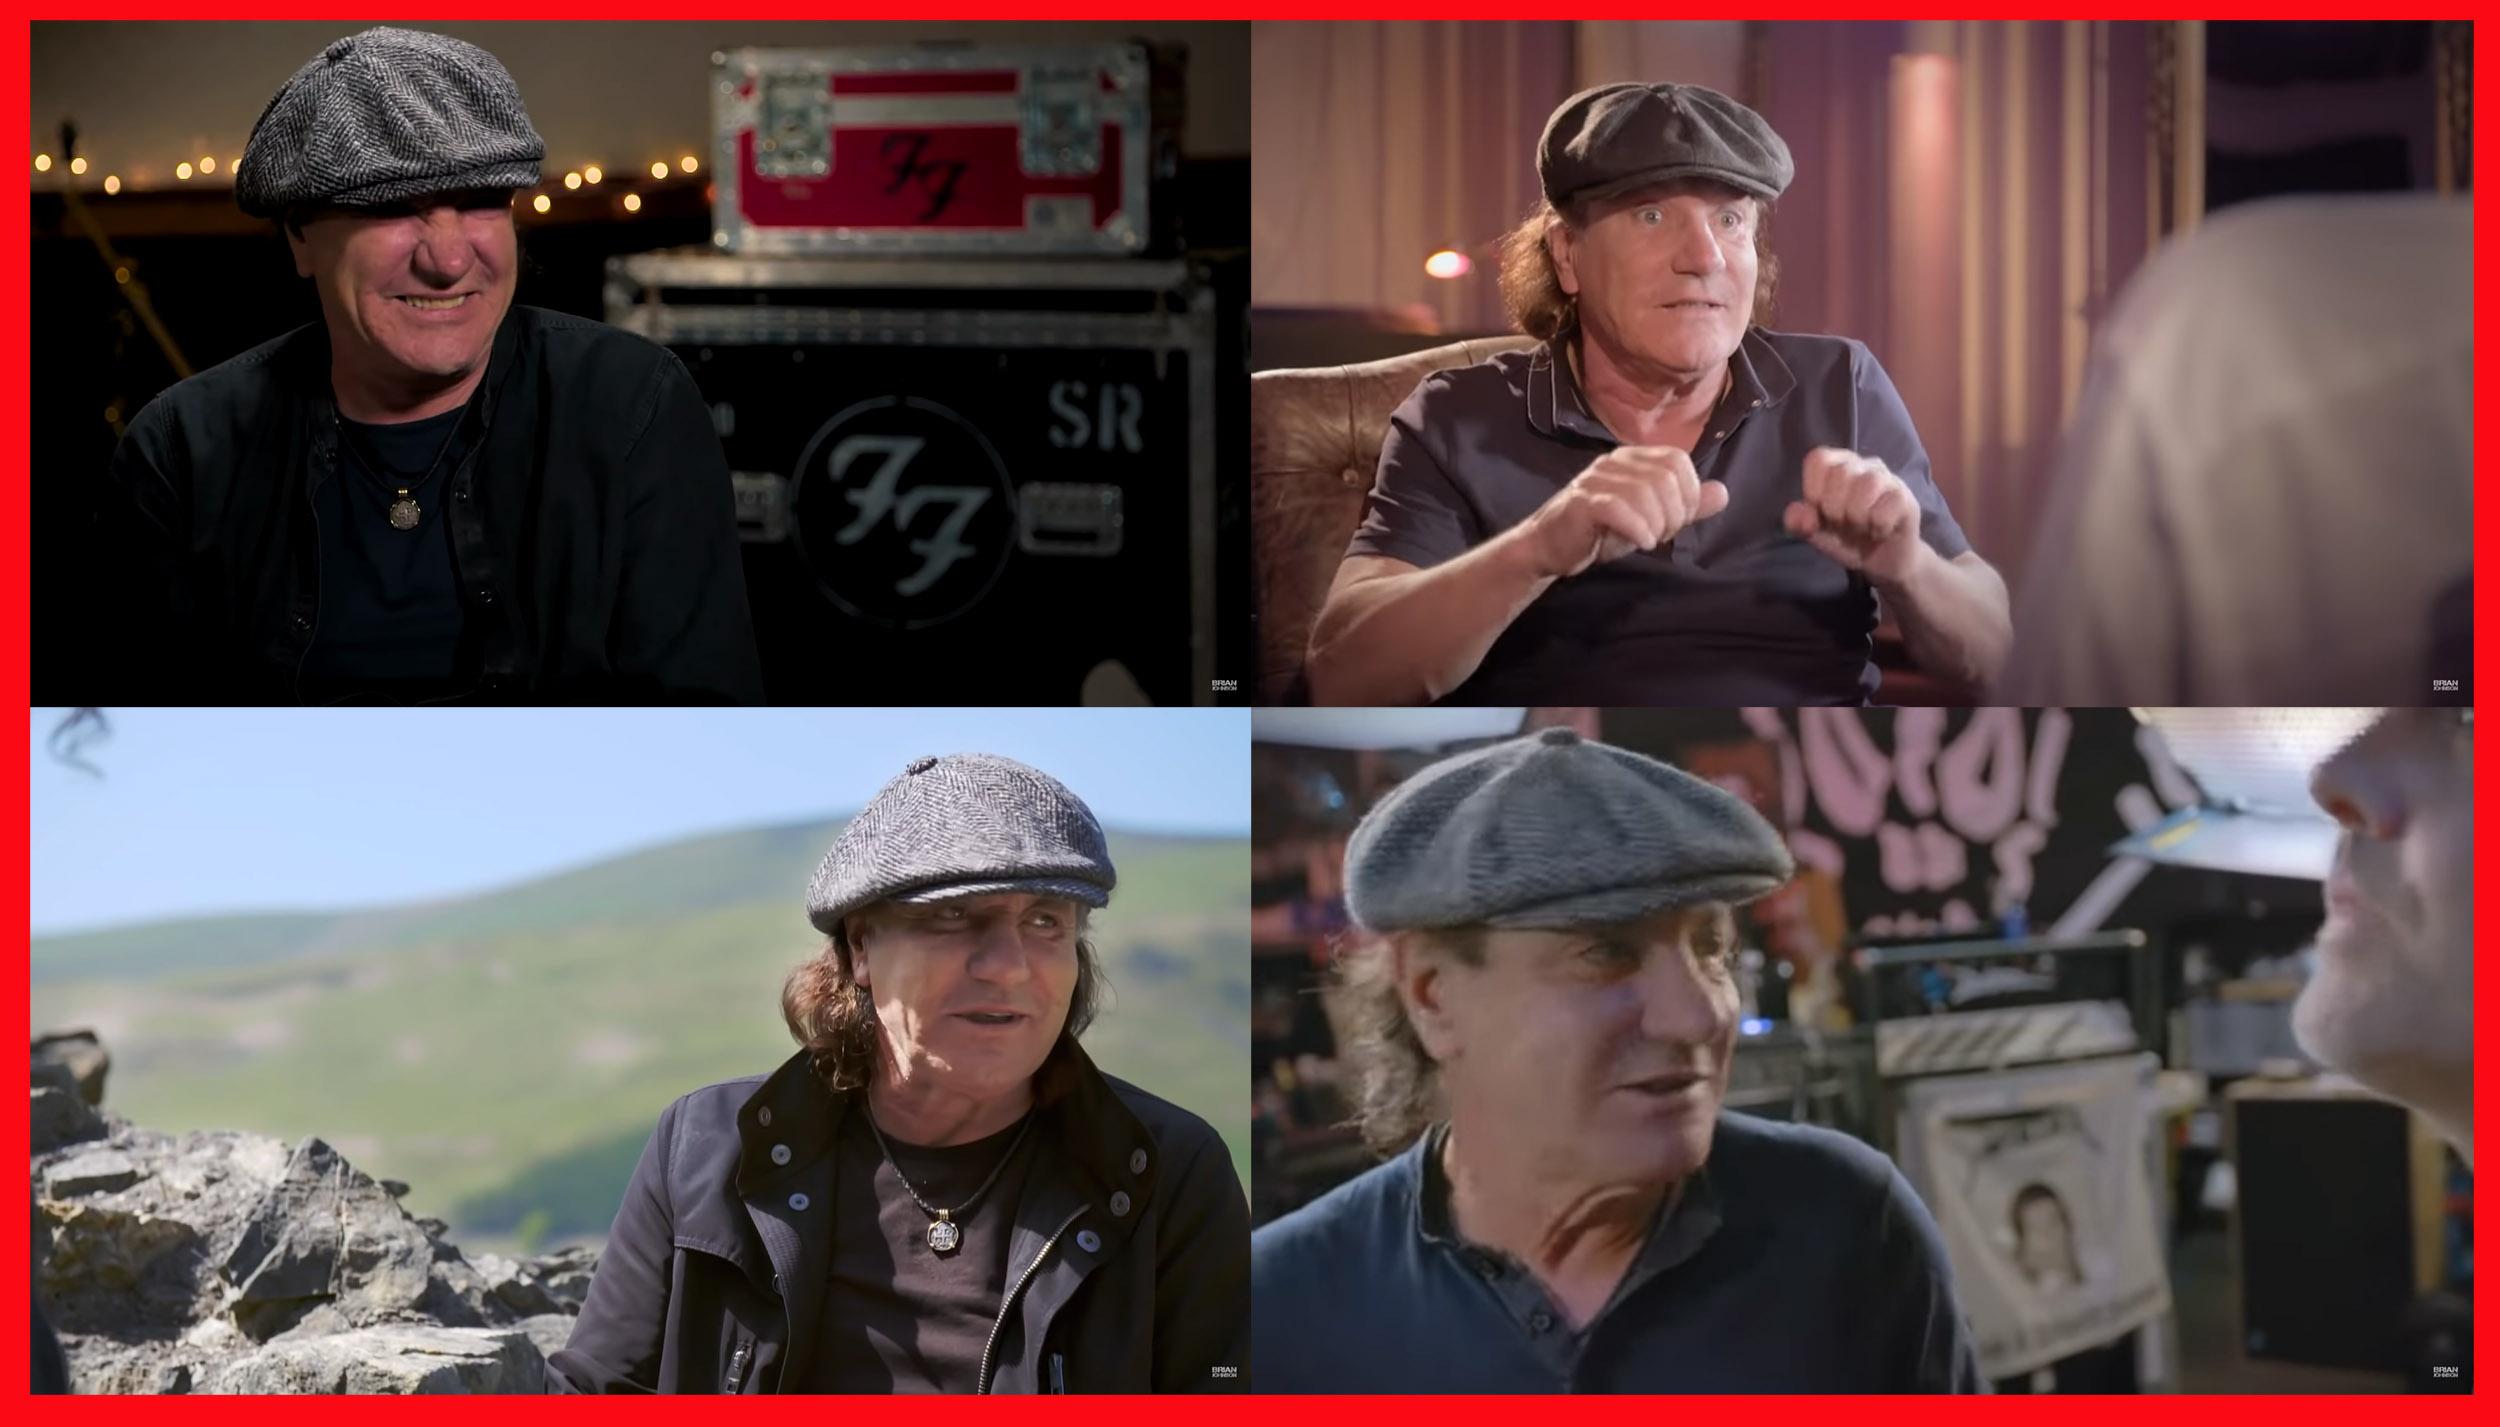 Brian Johnson d'AC/DC publiera des mémoires couvrant sa carrière de chanteur ... Untitl29